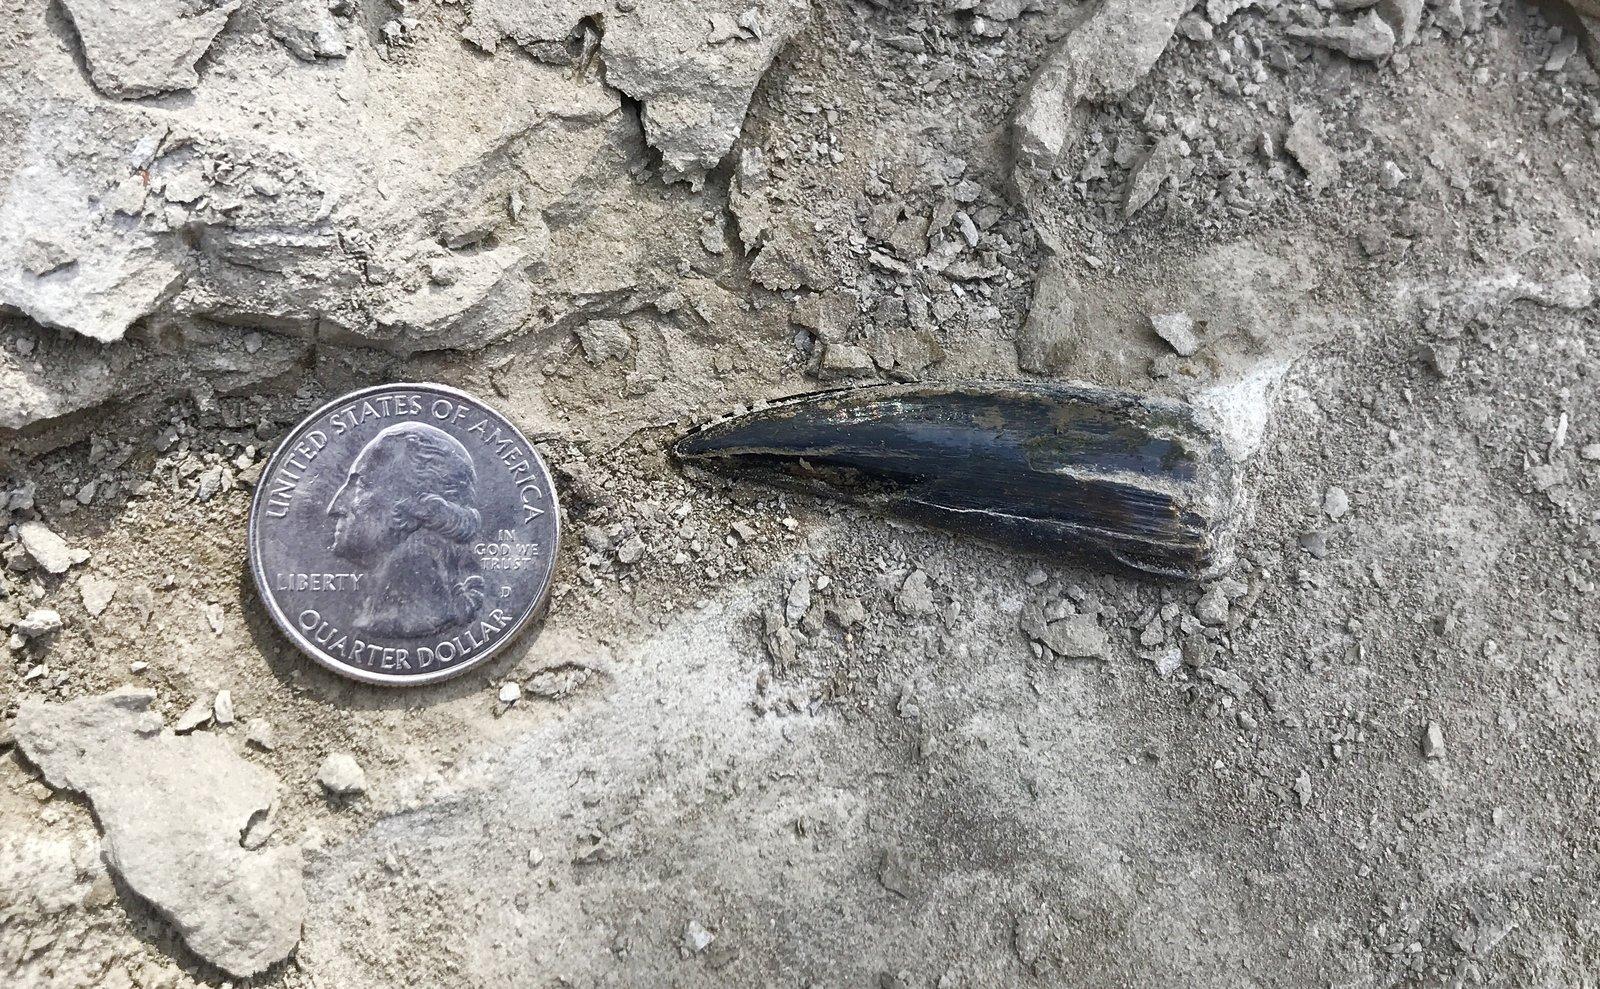 Xiphactinus fish tooth